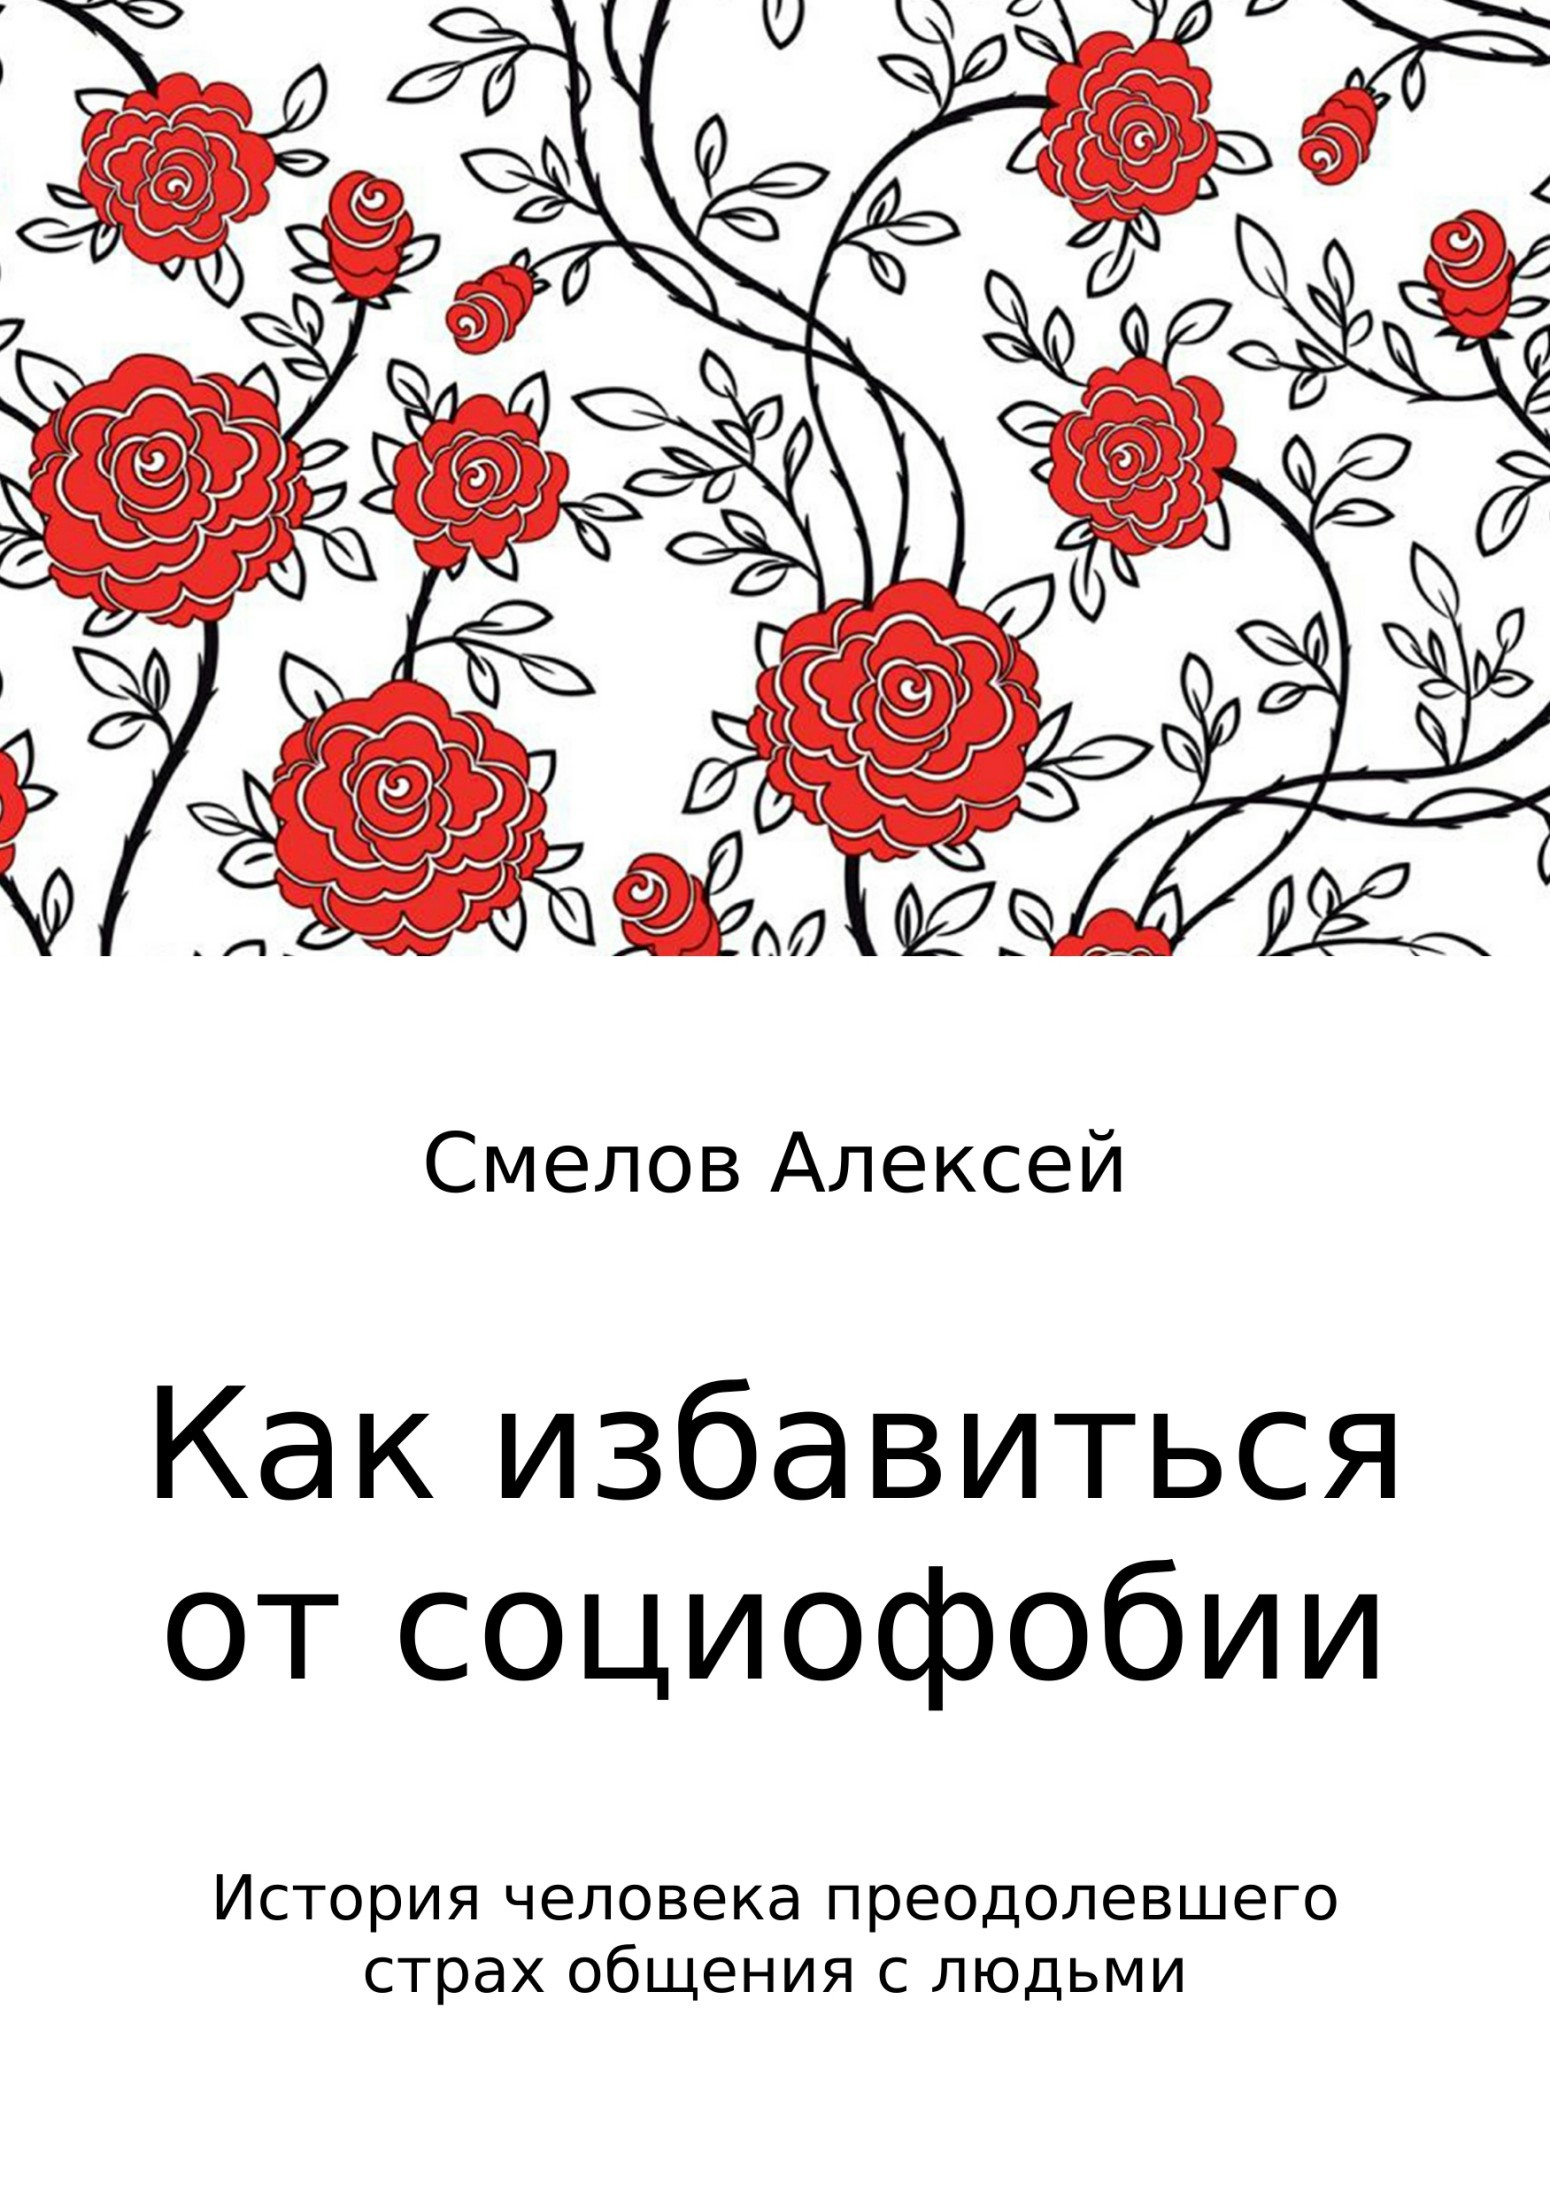 Алексей Владимирович Смелов. Как избавиться от социофобии